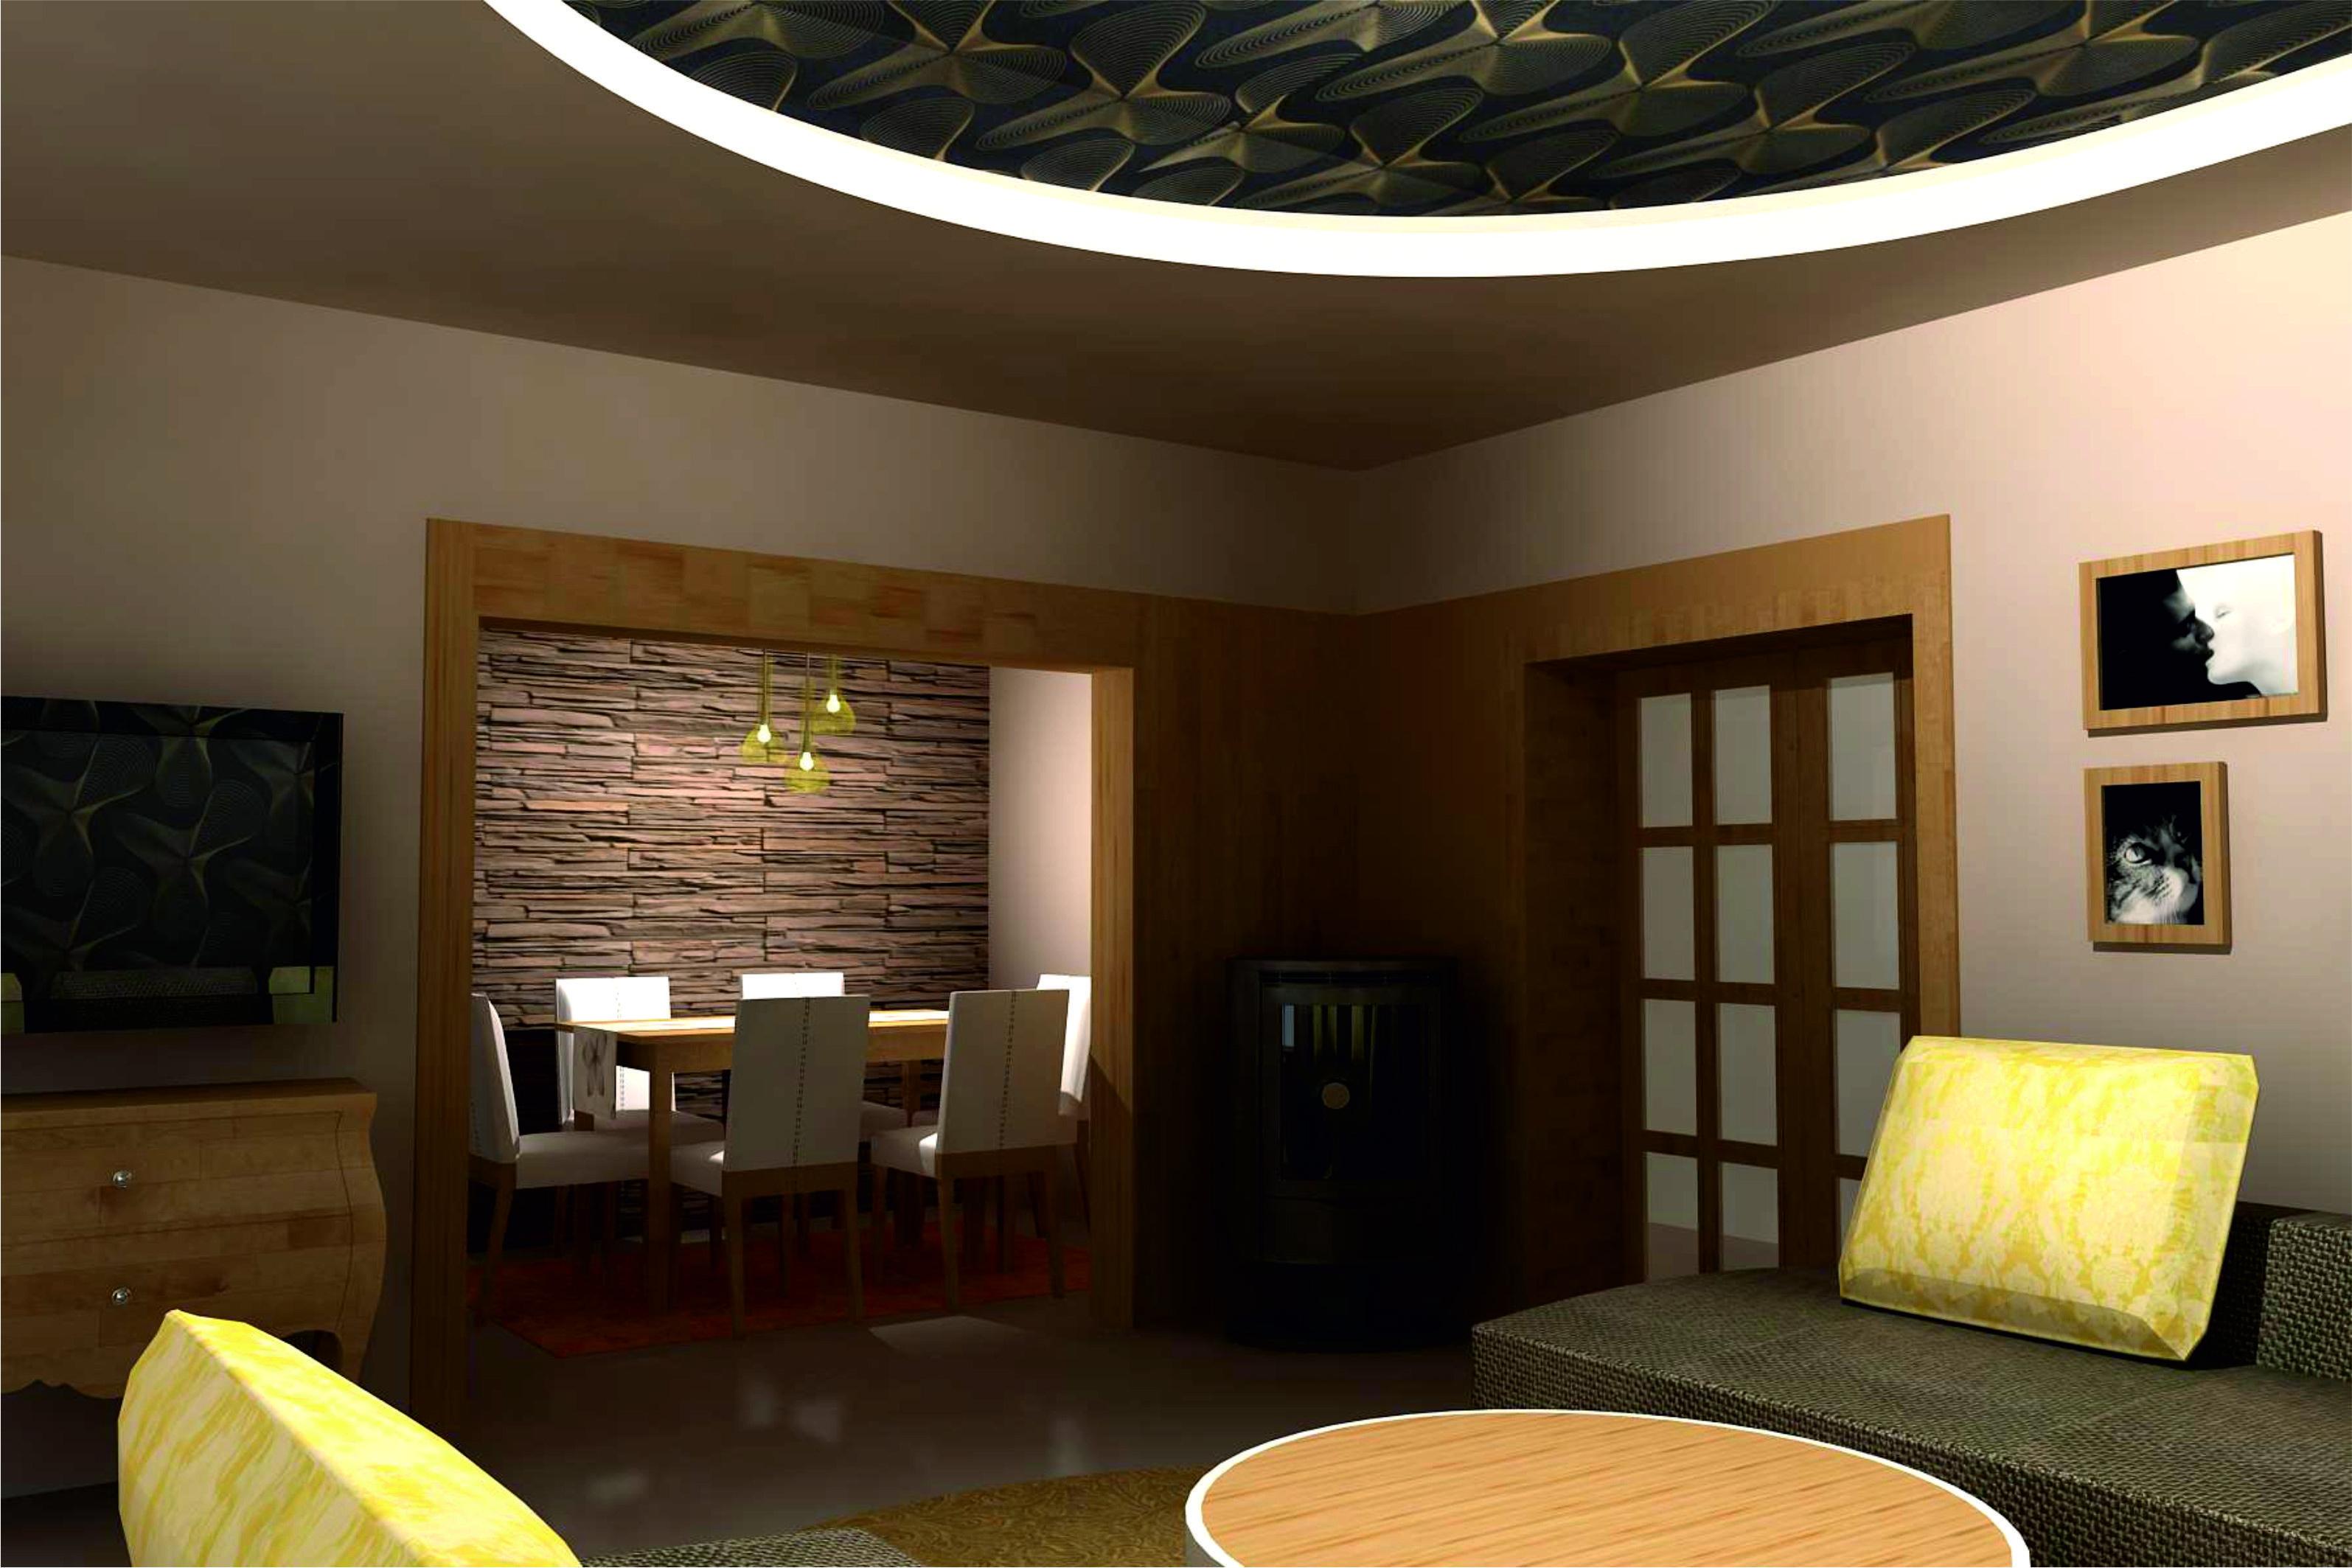 Projekt interiéru RD II 03